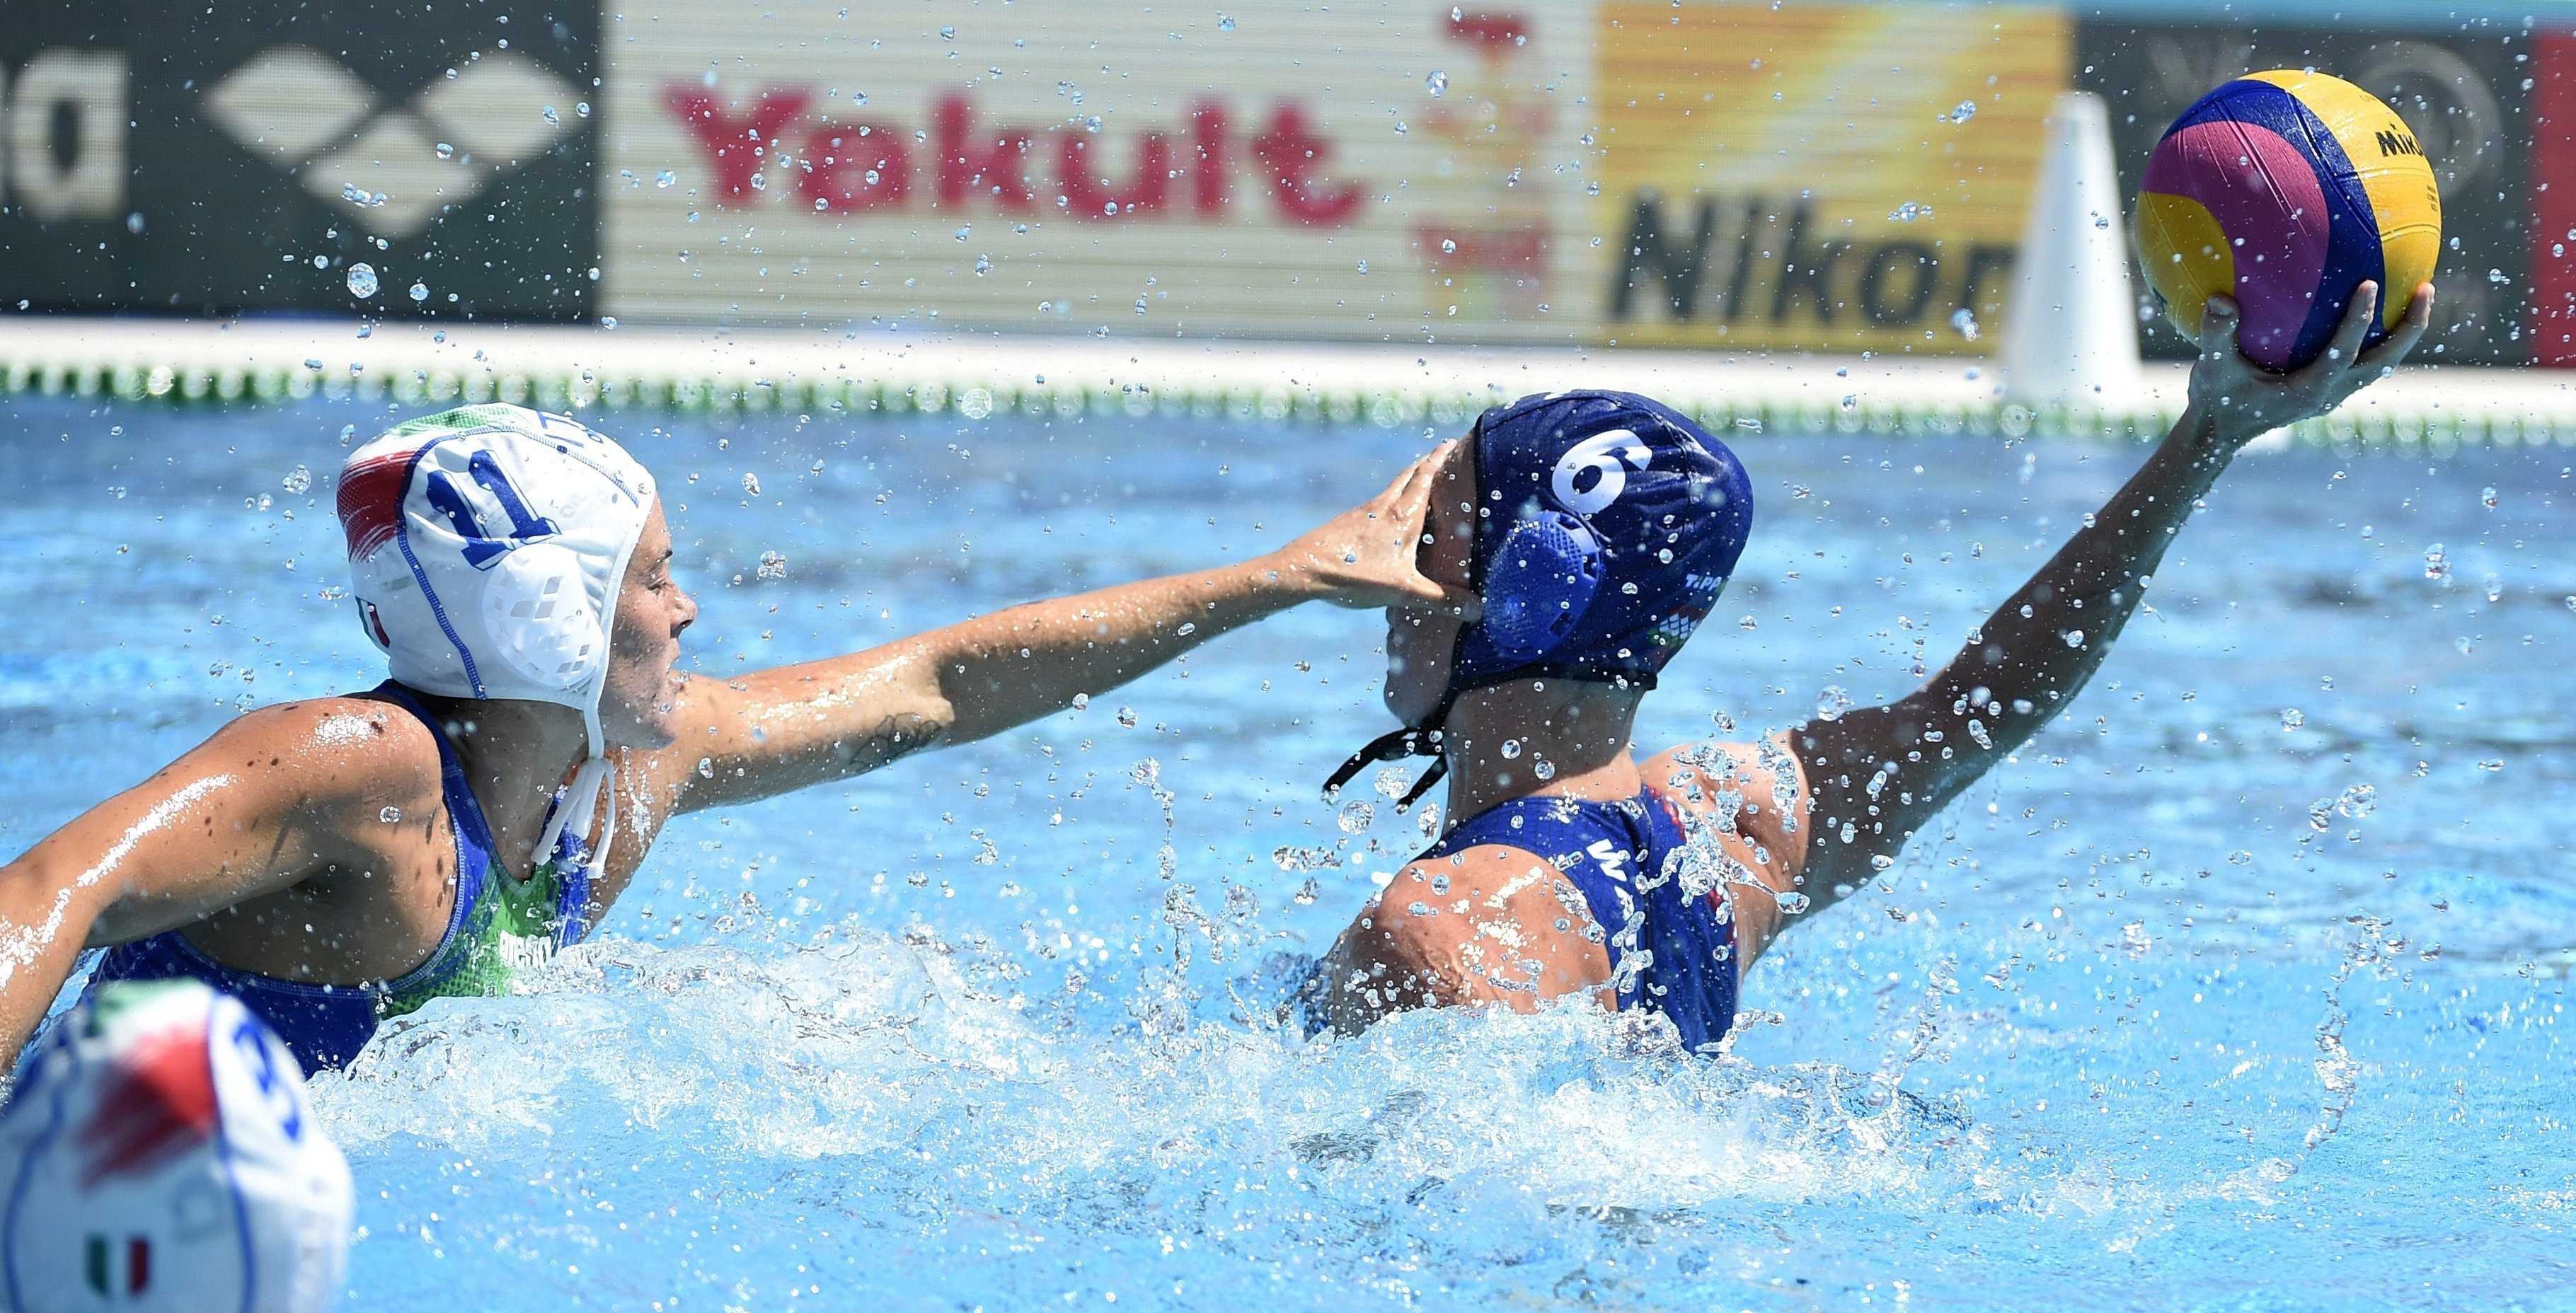 Vízilabda-Eb - A spanyolok nyertek a női tornán a harmadik fordulóban